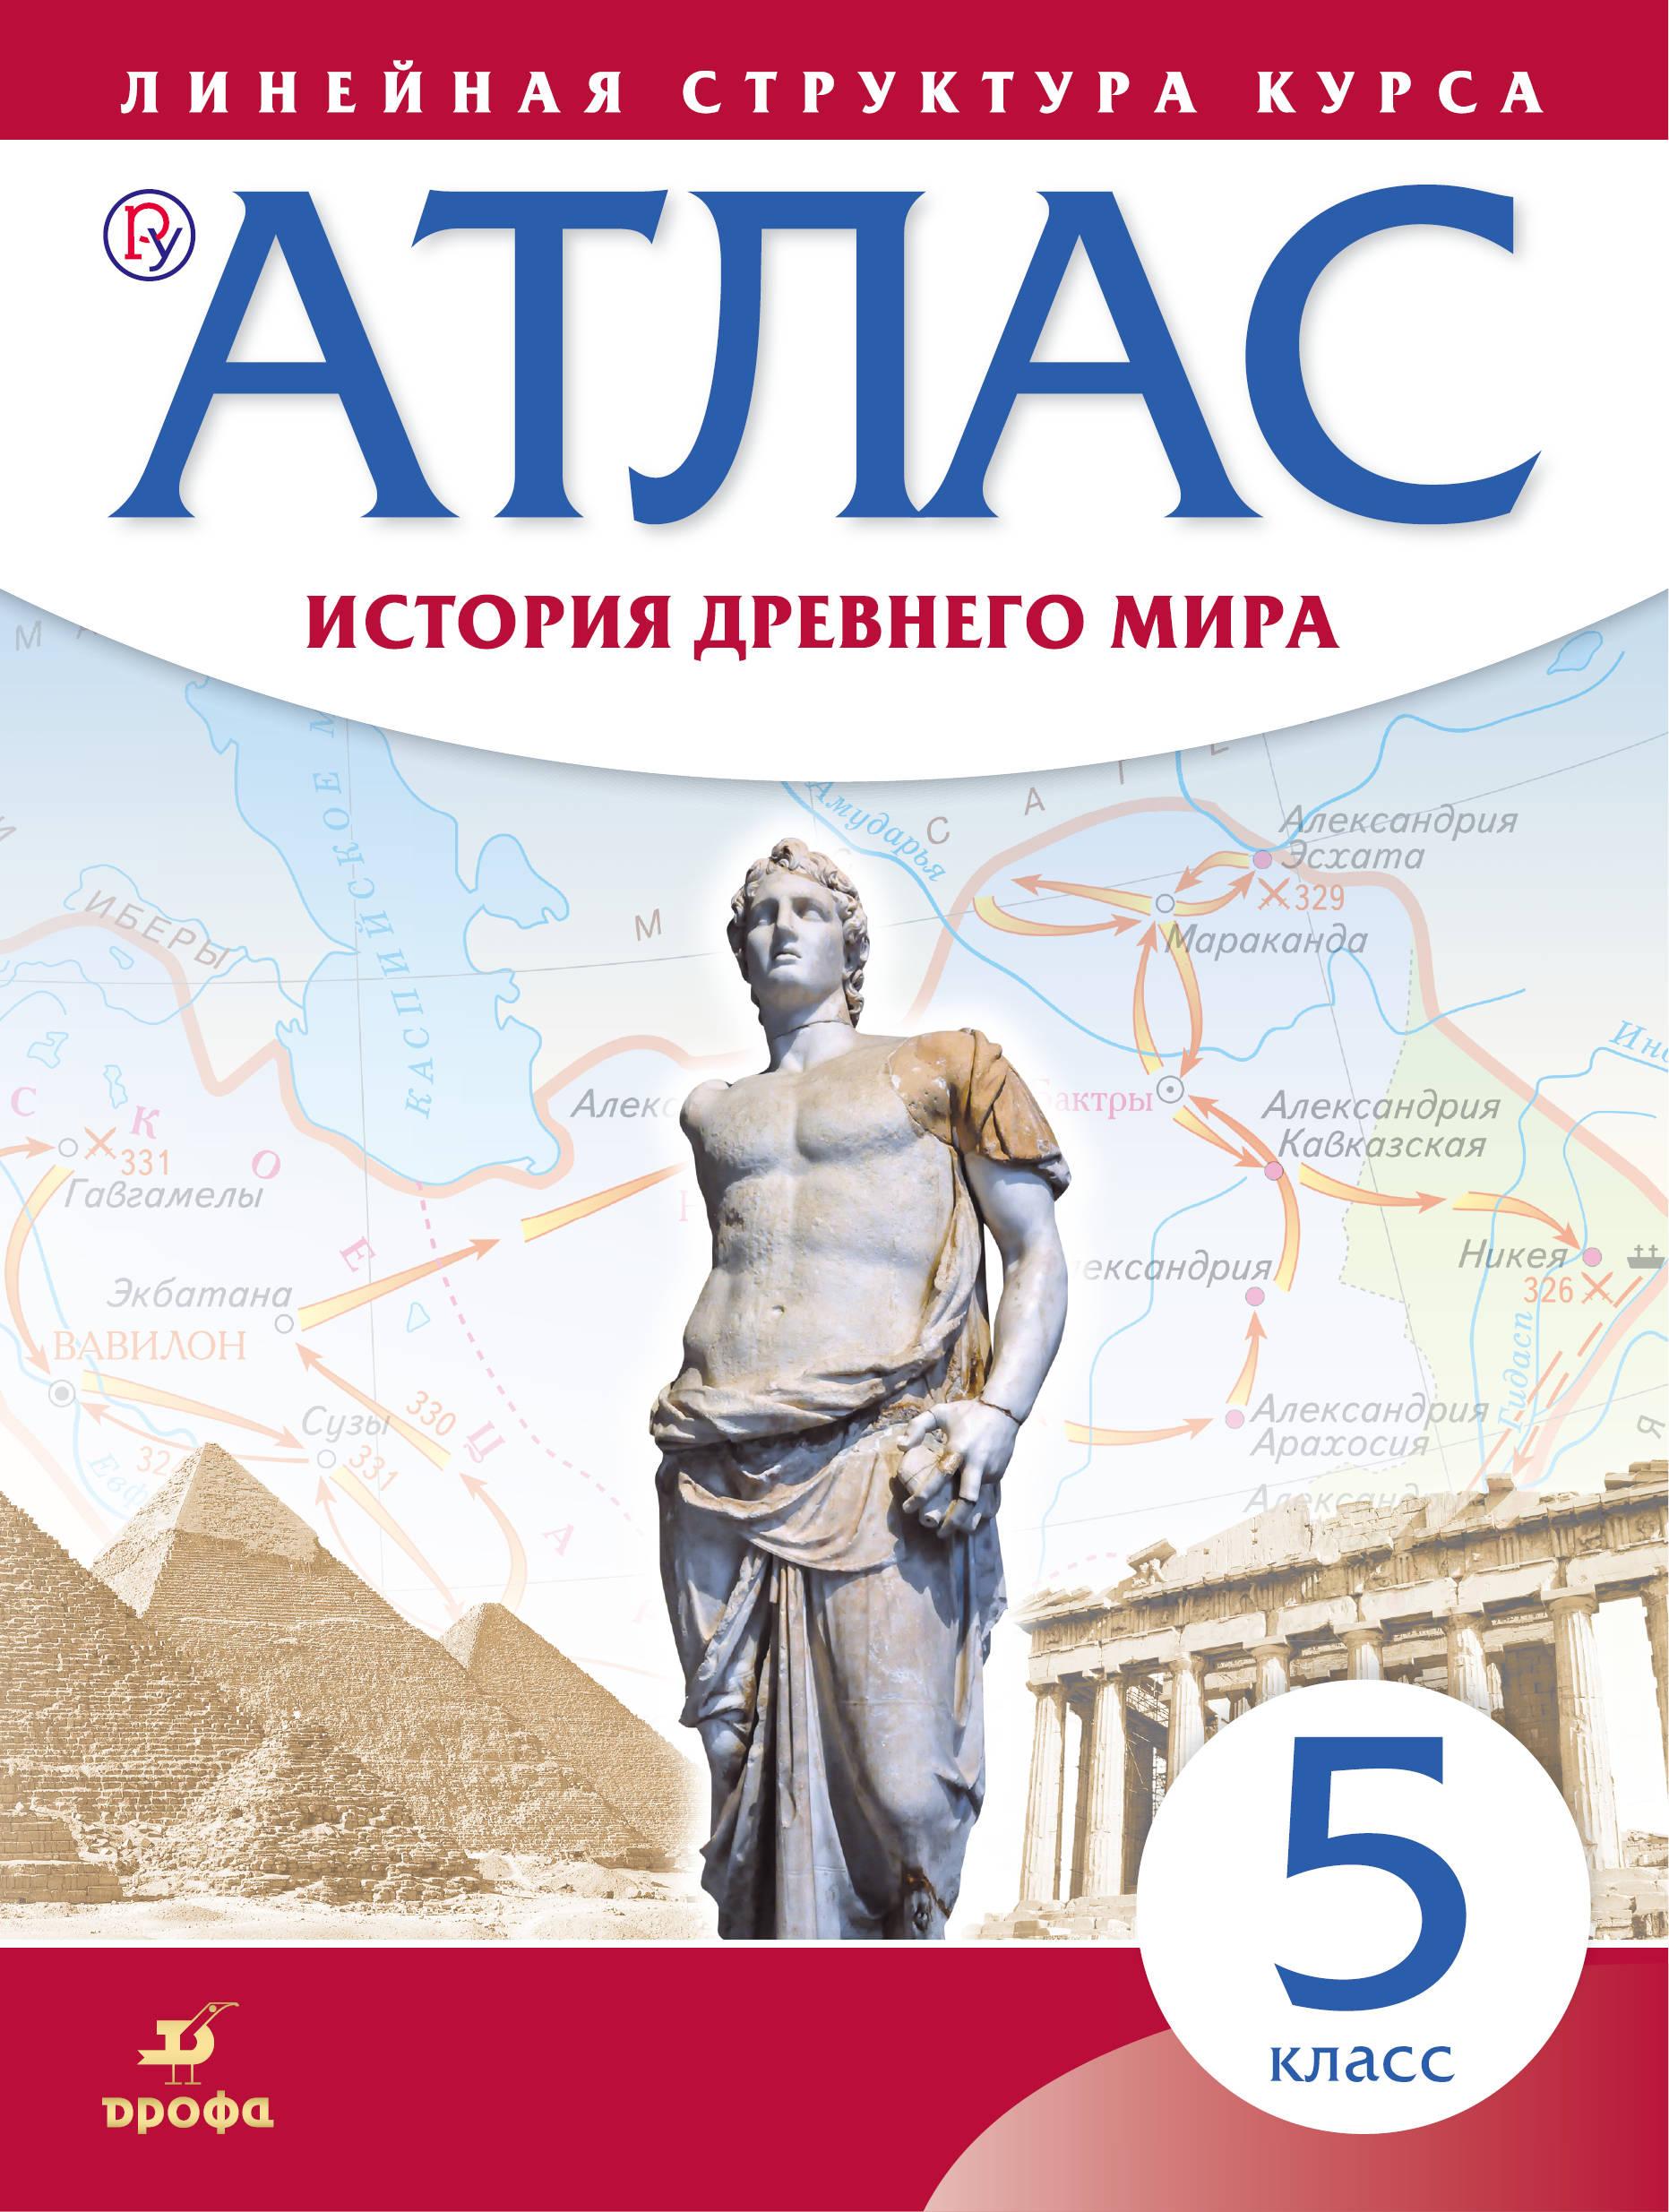 Атлас. История 5 кл. История Древнего Мира. (Линейная структура курса). (ФГОС)